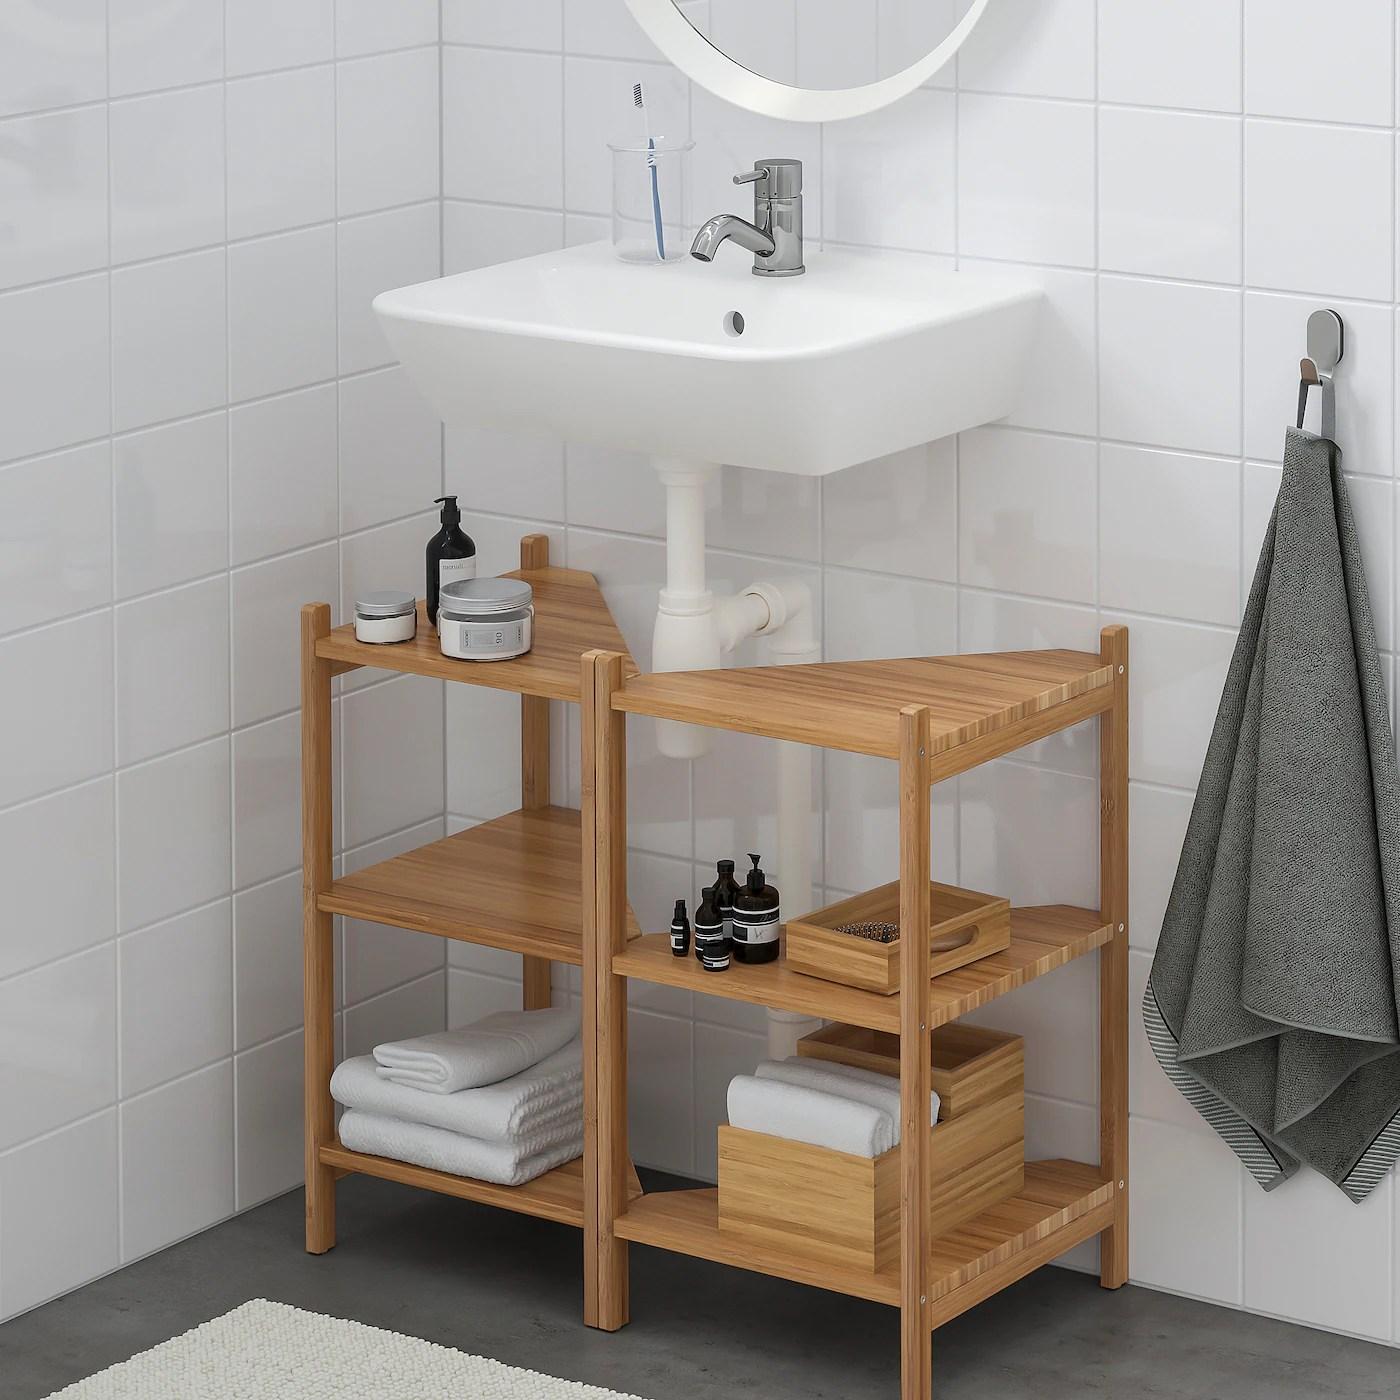 Ragrund Tyngen Lavabo Tablette Angle Bambou Pilkan Mitigeur Lavabo Ikea